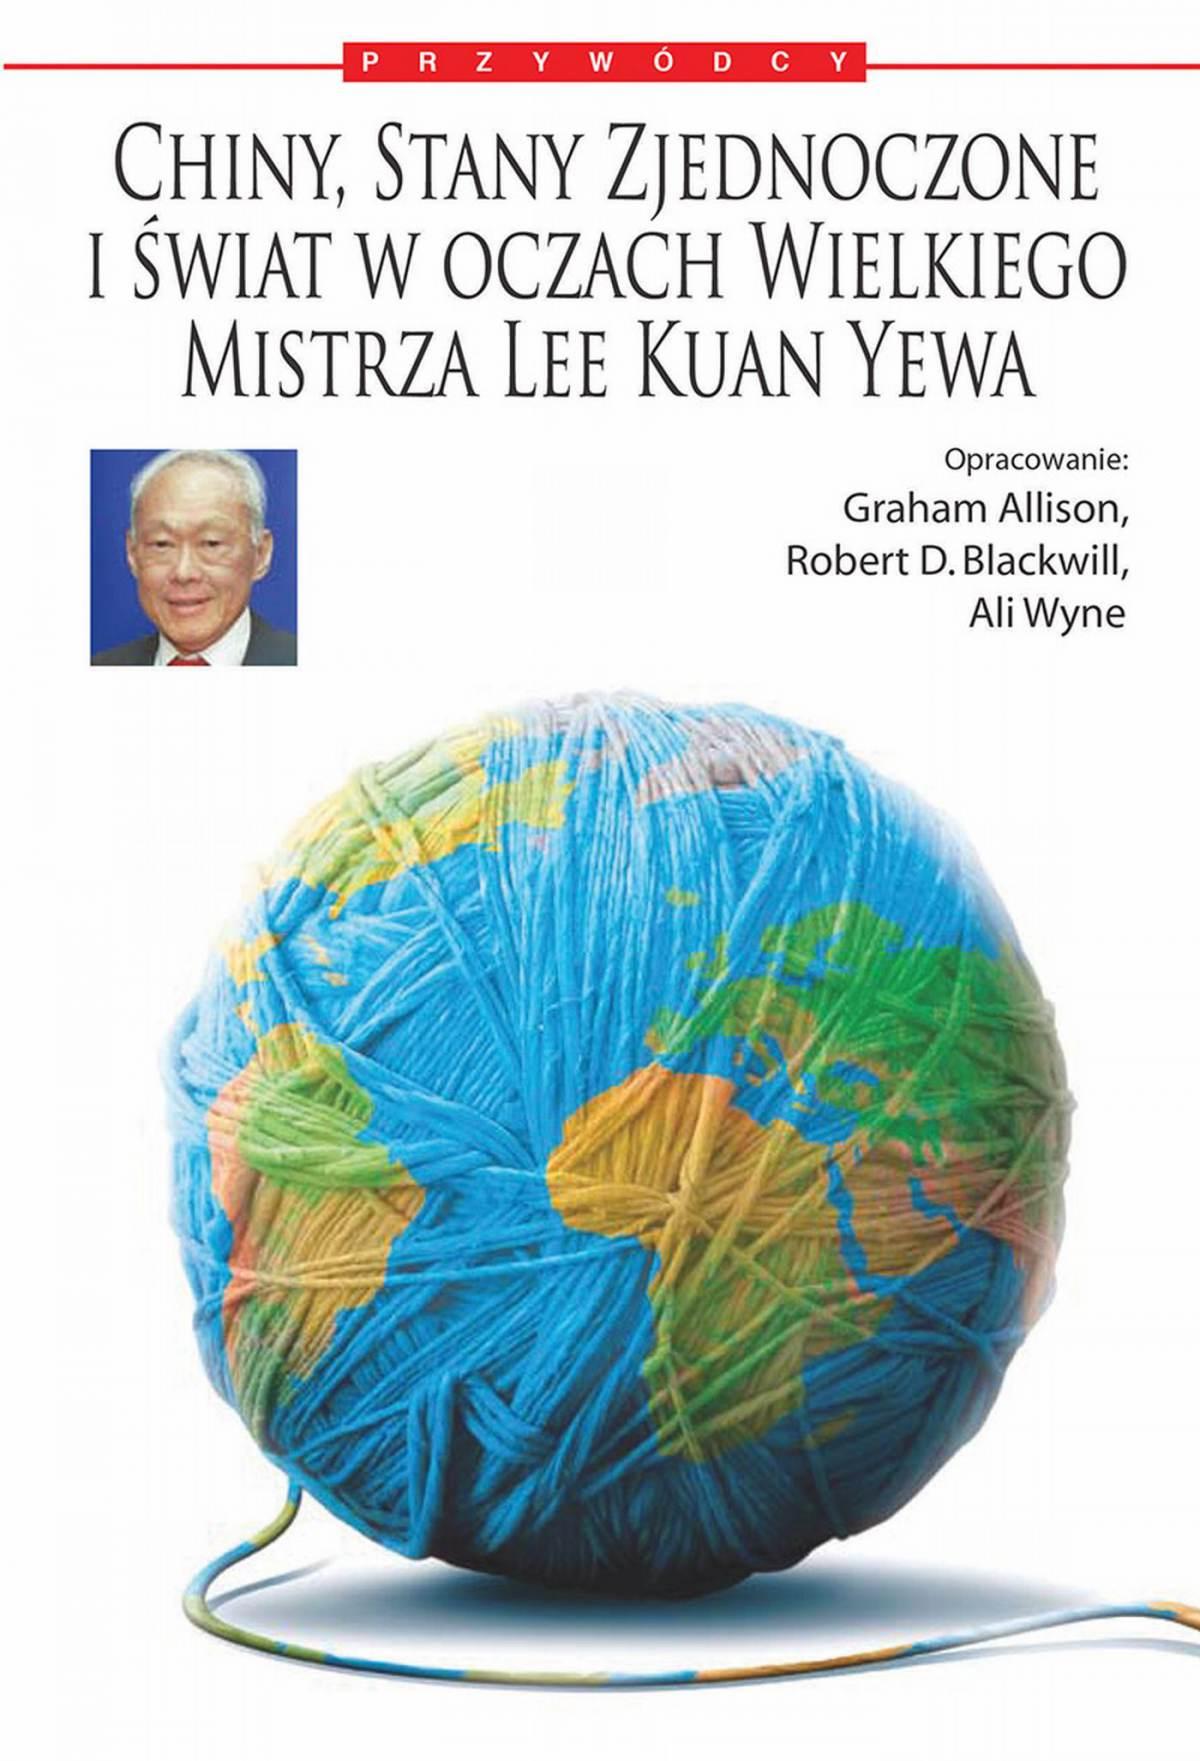 Chiny, Stany Zjednoczone i świat według Wielkiego Mistrza Lee Kuan Yewa - Ebook (Książka na Kindle) do pobrania w formacie MOBI